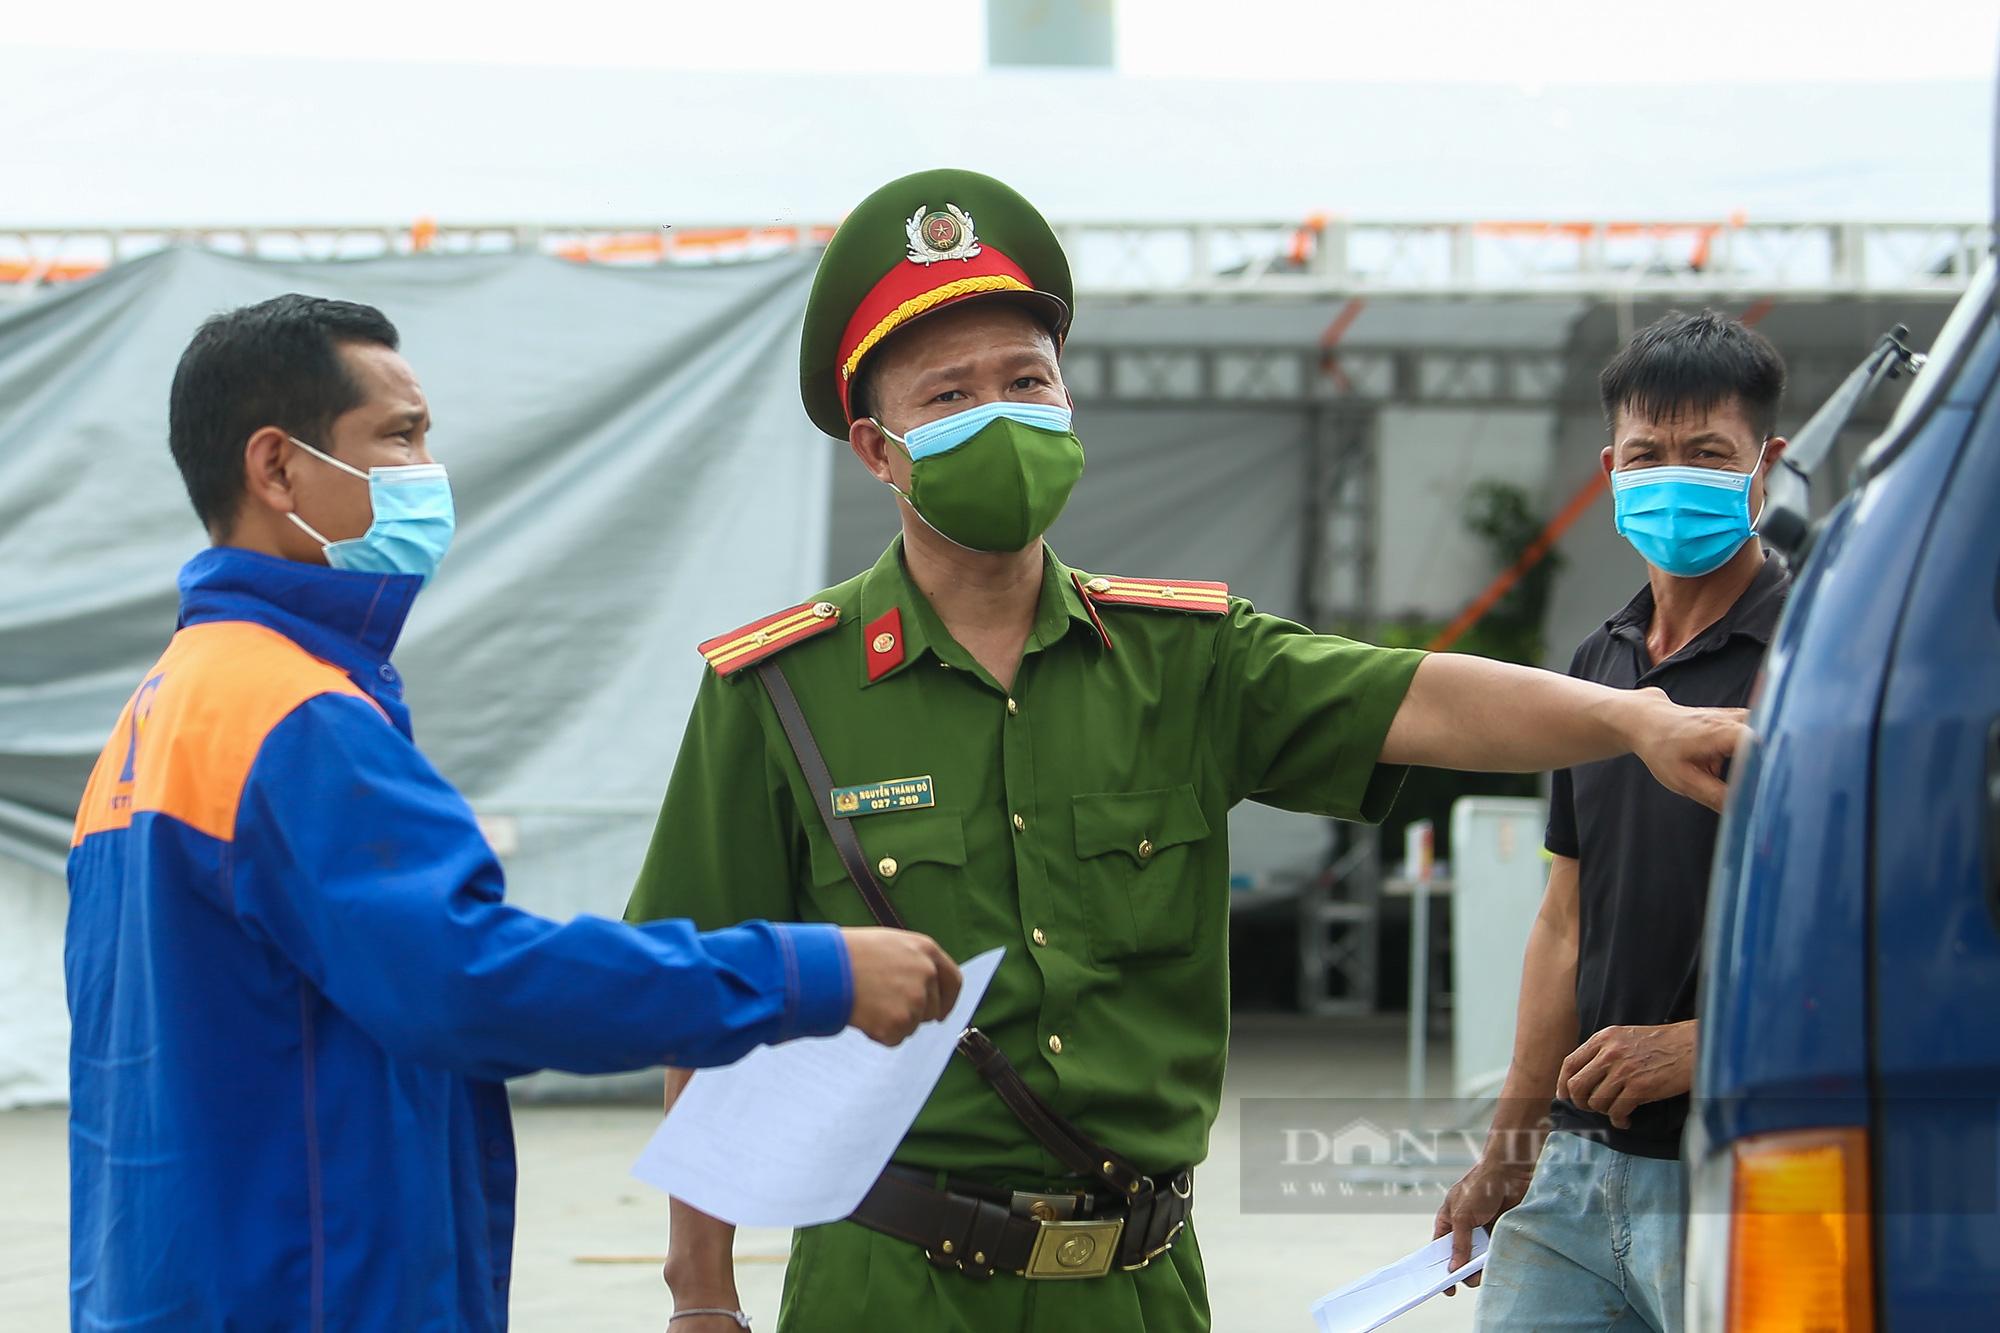 Tài xế đi hơn 1000km từ Vĩnh Long ra Hà Nội bị yêu cầu quay xe - Ảnh 5.